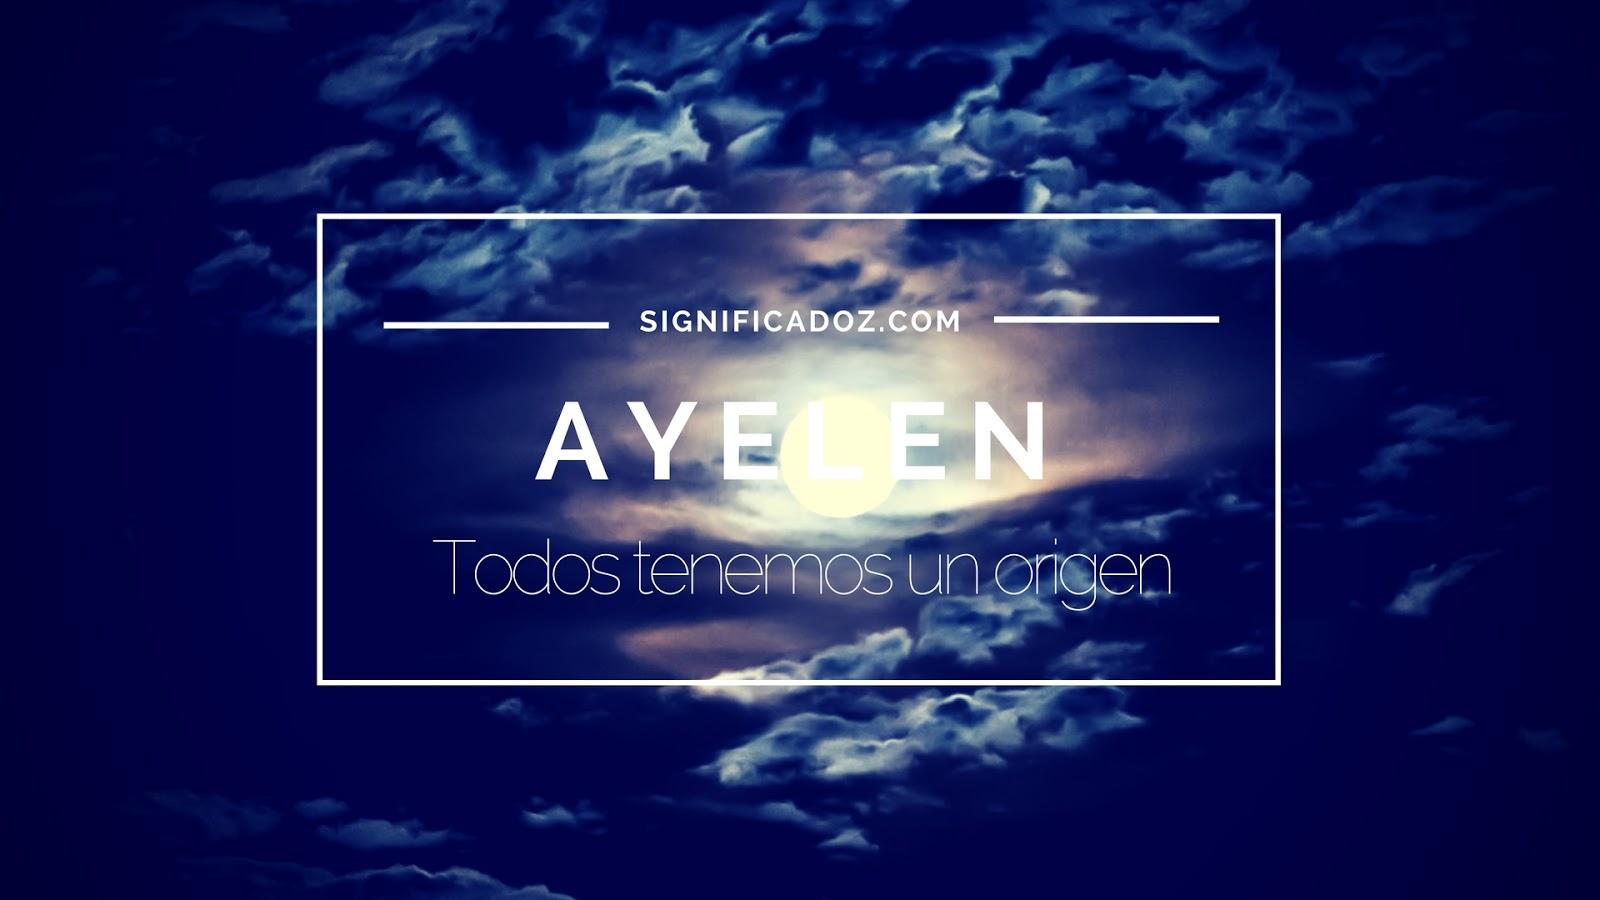 Significado y origen del nombre ayelen que significa for Que significa wc